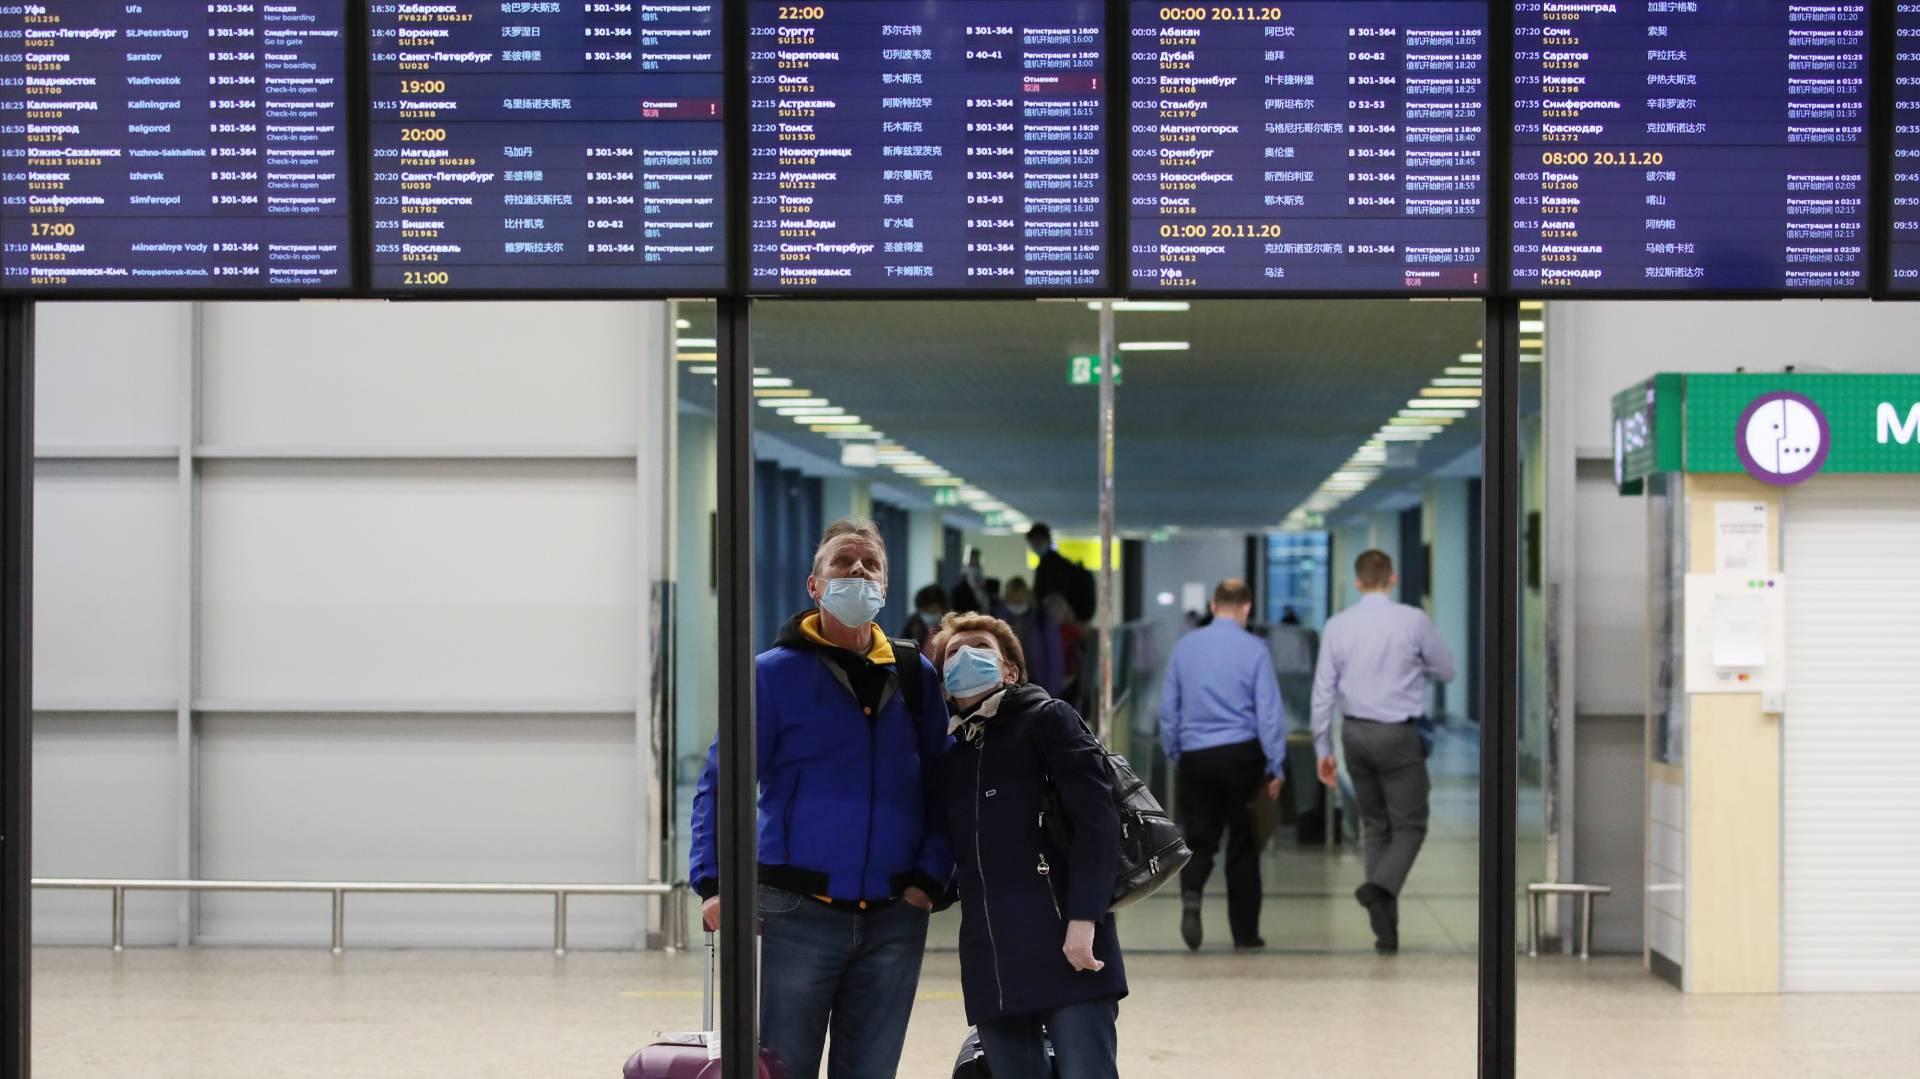 Запретят ли новогодние поездки по России? Геннадий Онищенко объяснил ситуацию